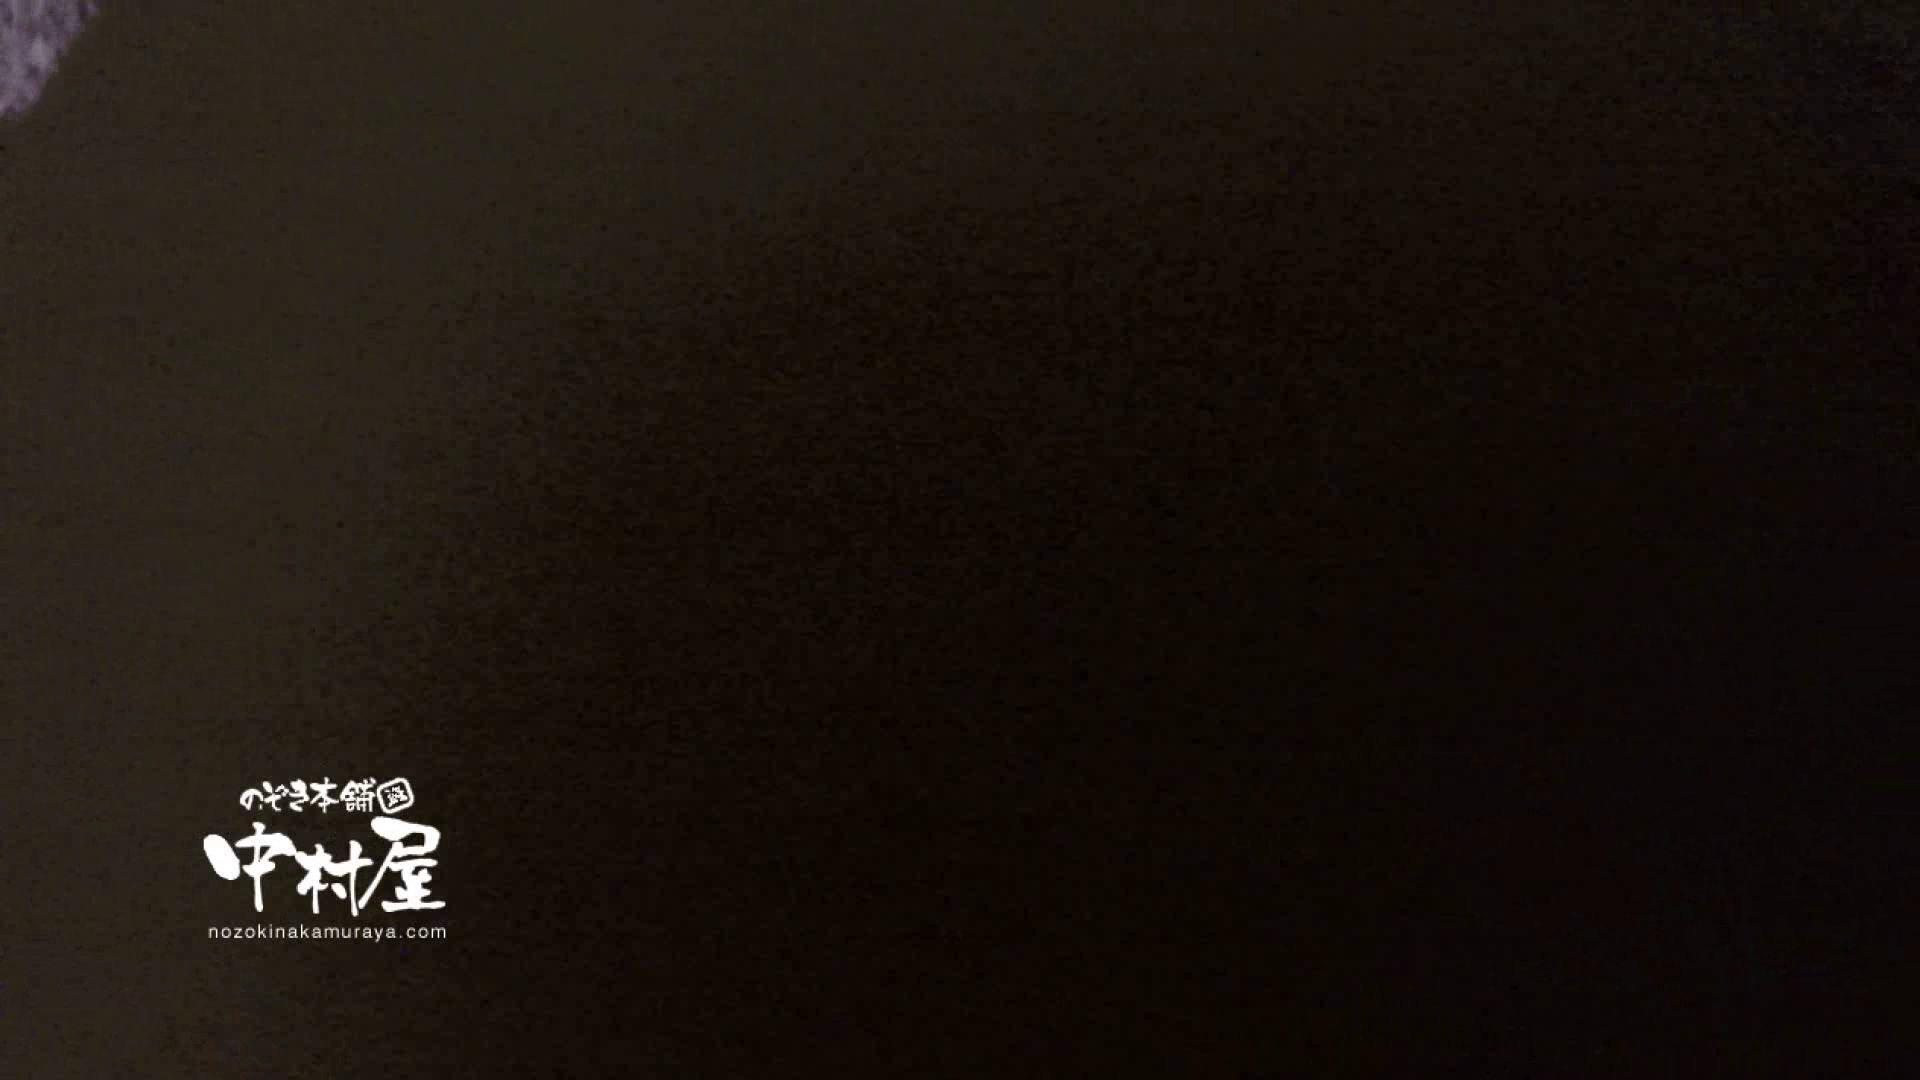 鬼畜 vol.10 あぁ無情…中出しパイパン! 前編 中出し オマンコ動画キャプチャ 57連発 27